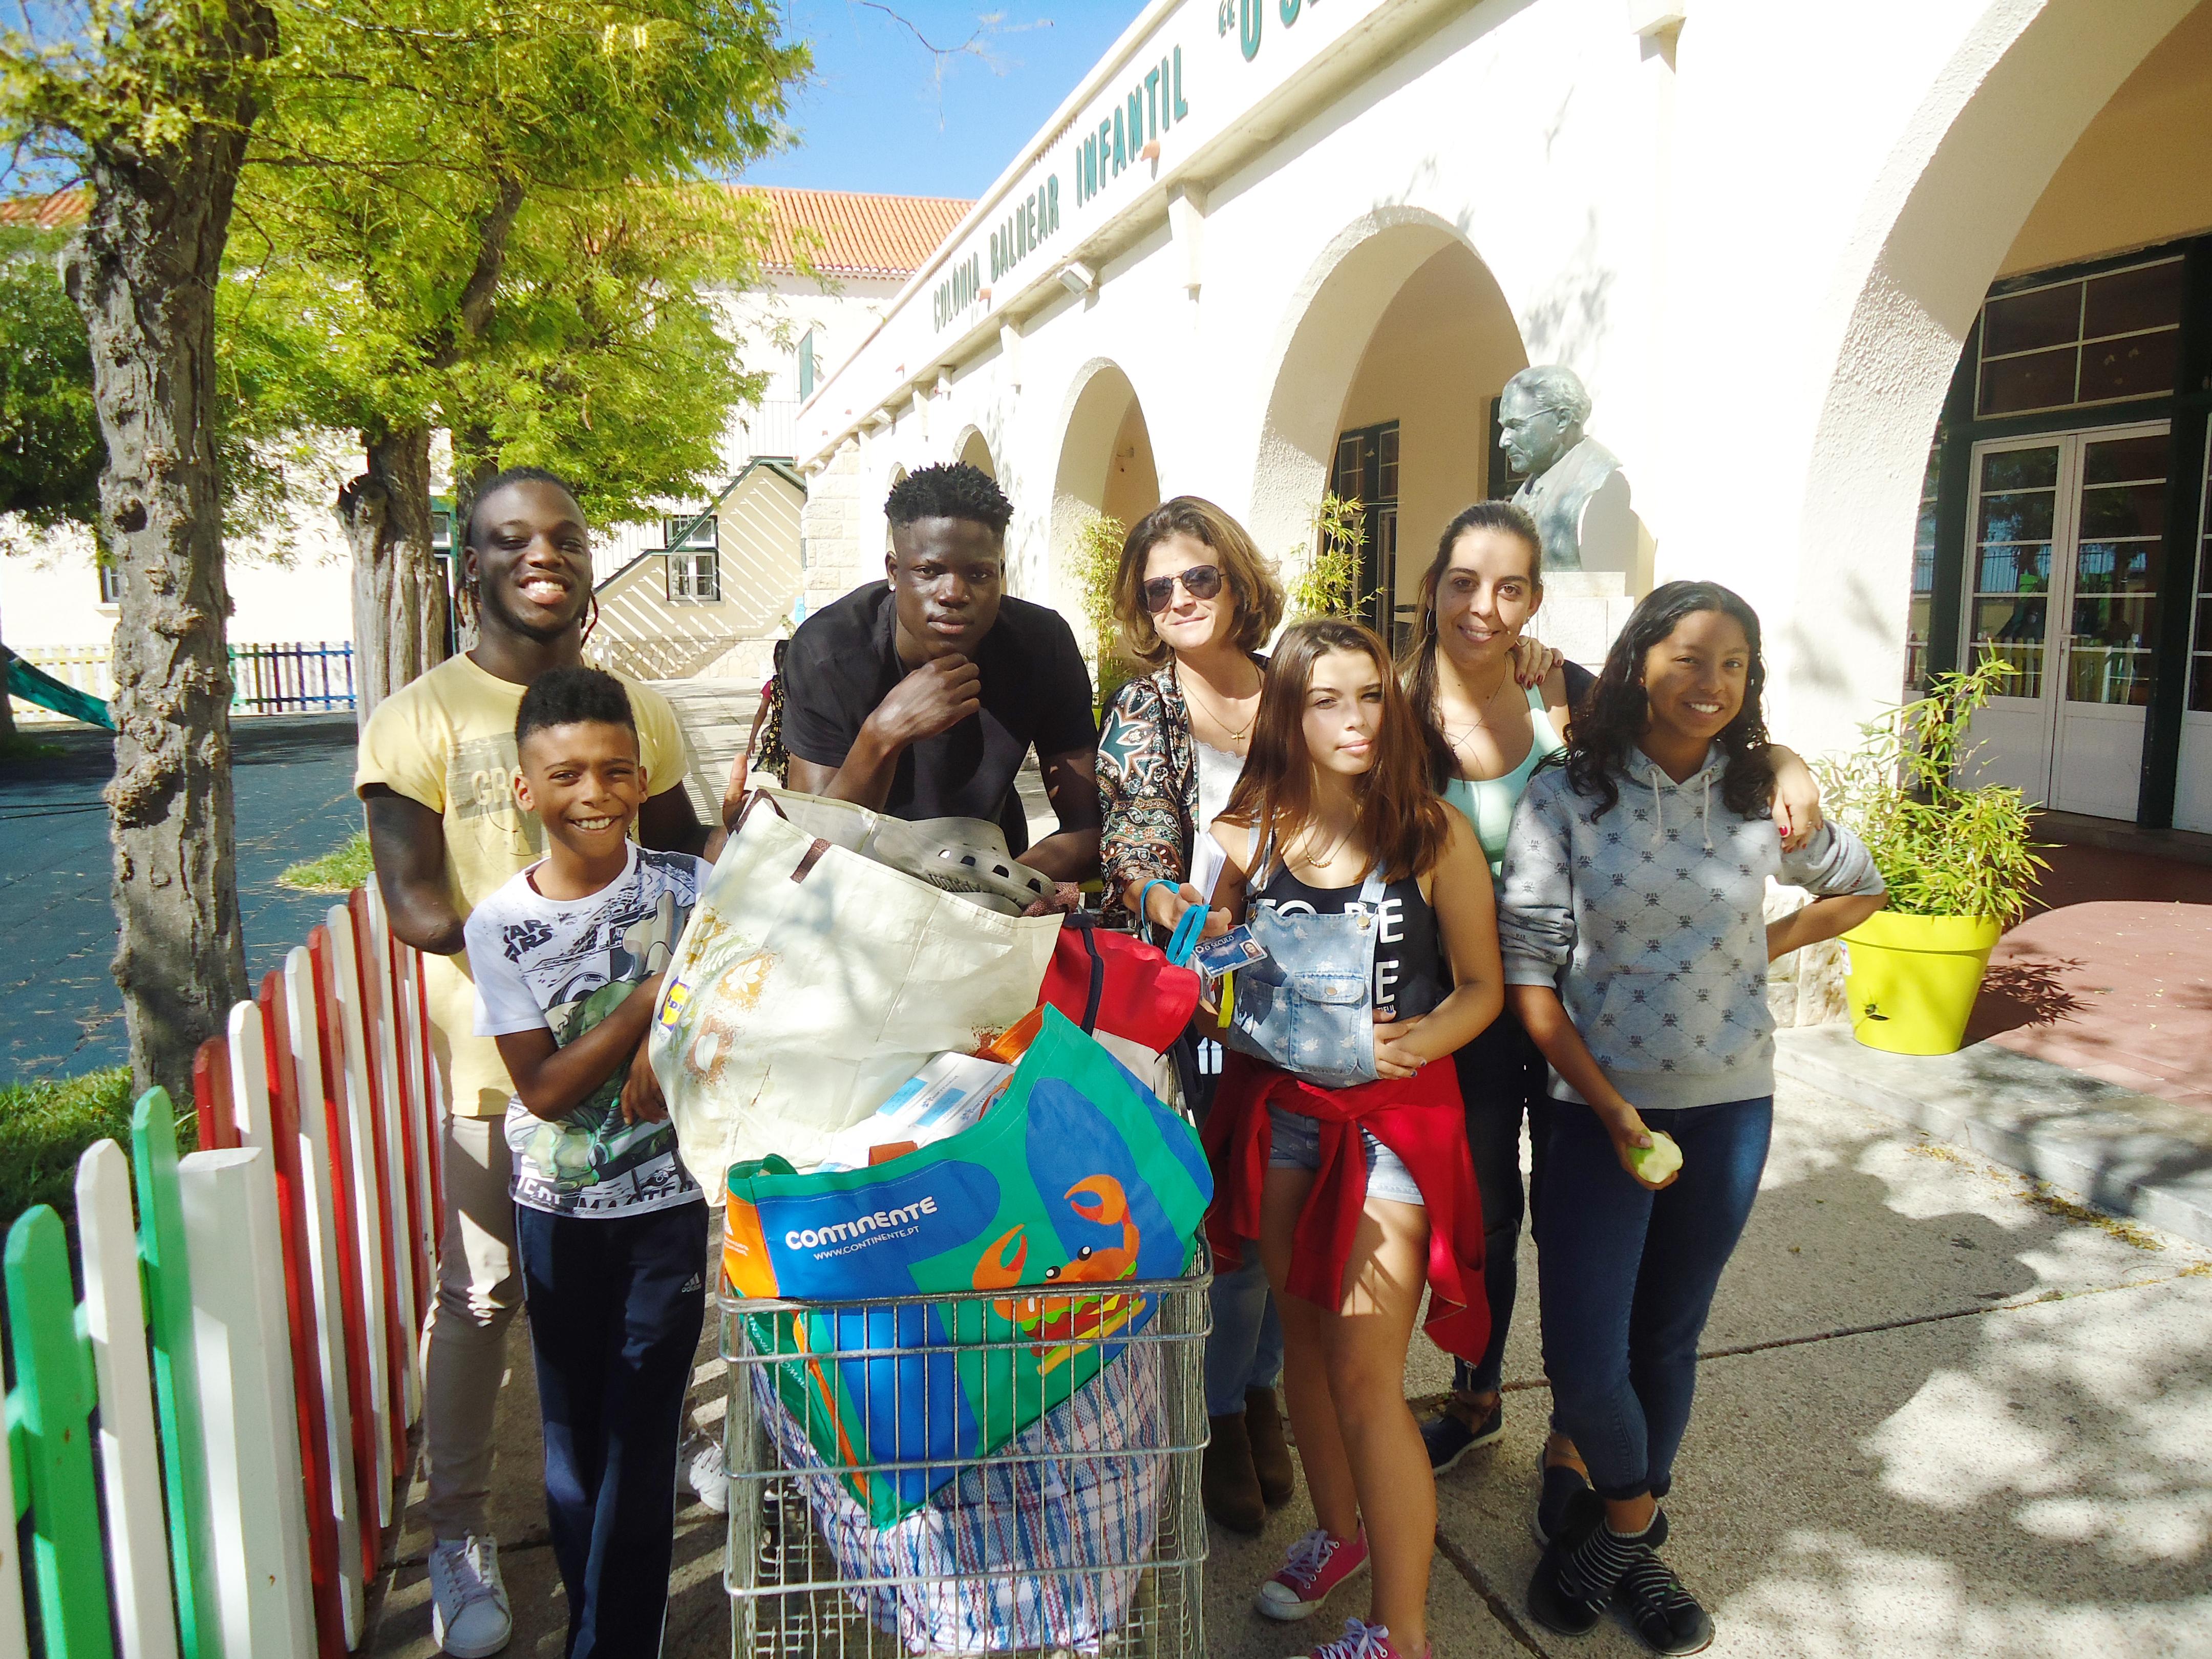 DepilConcept Une-se à Fundação O Século Para Transformar Desperdício Em Solidariedade